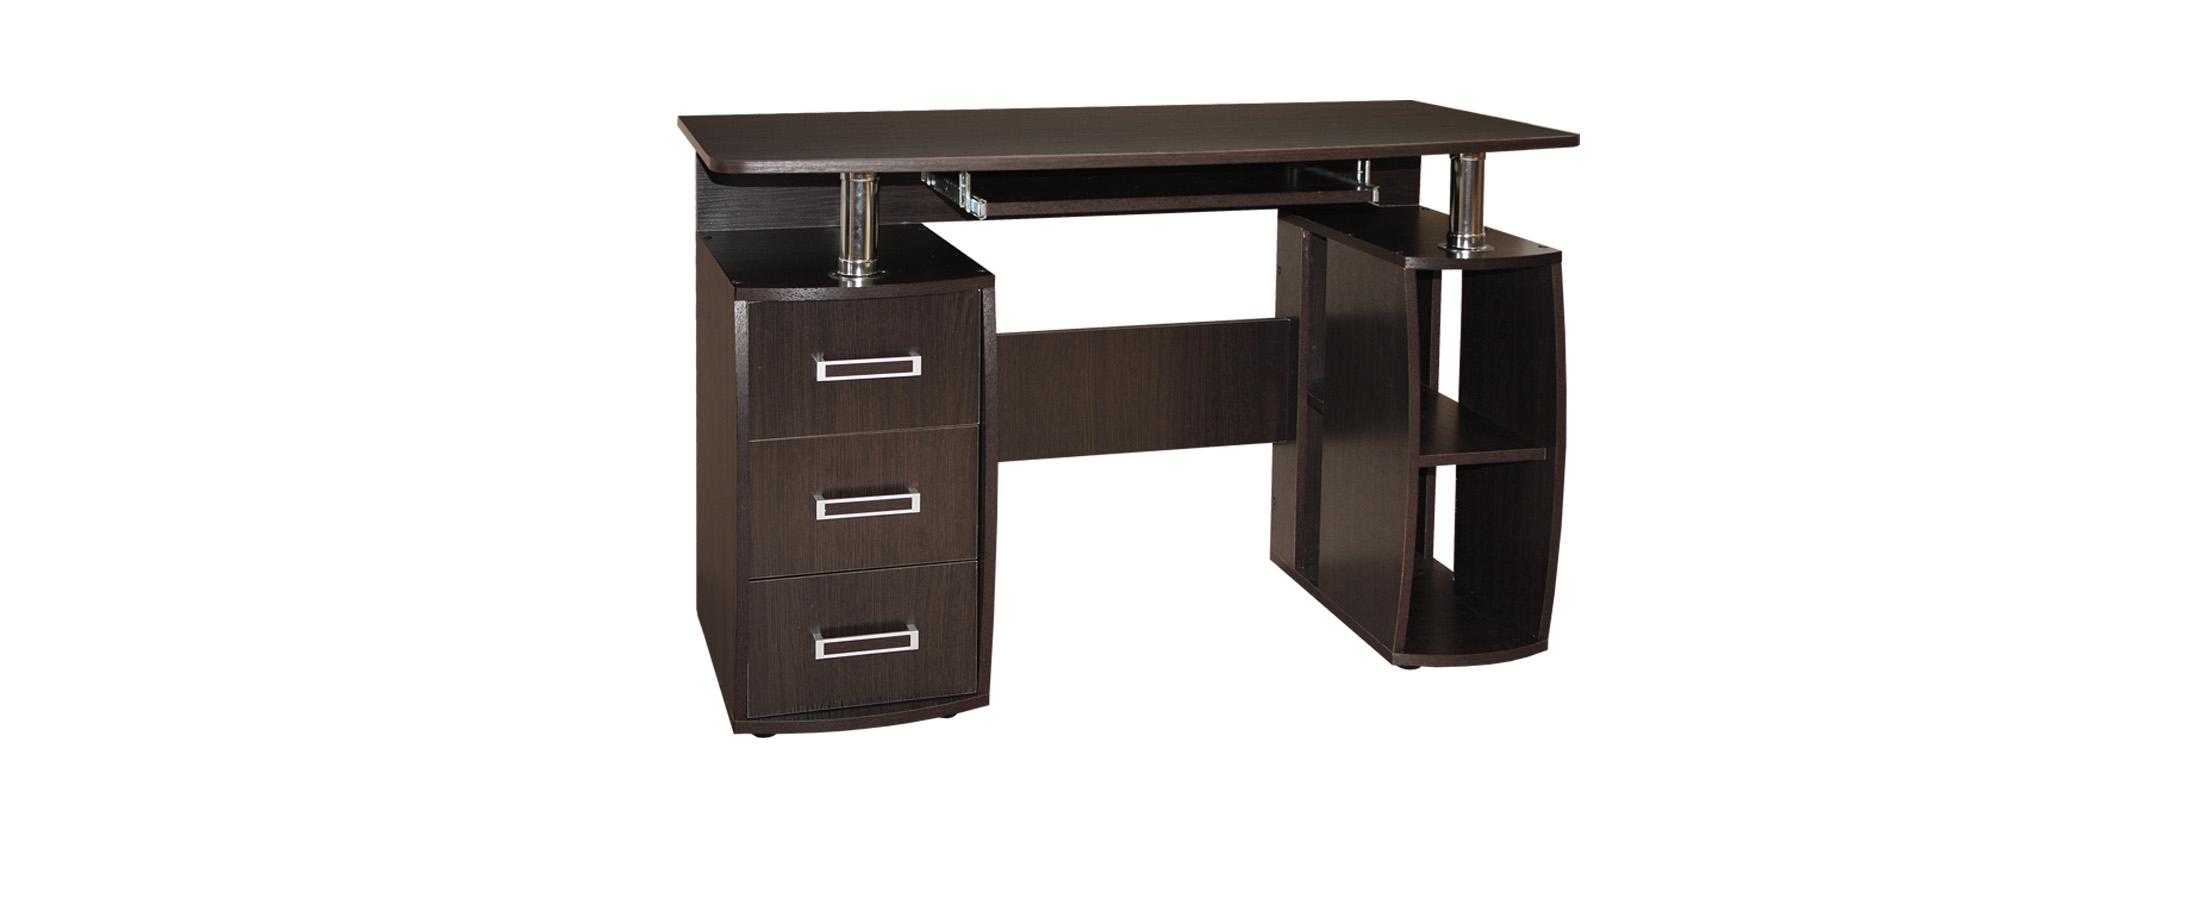 Стол компьютерный Престиж-1 Модель 506 от MOON TRADE